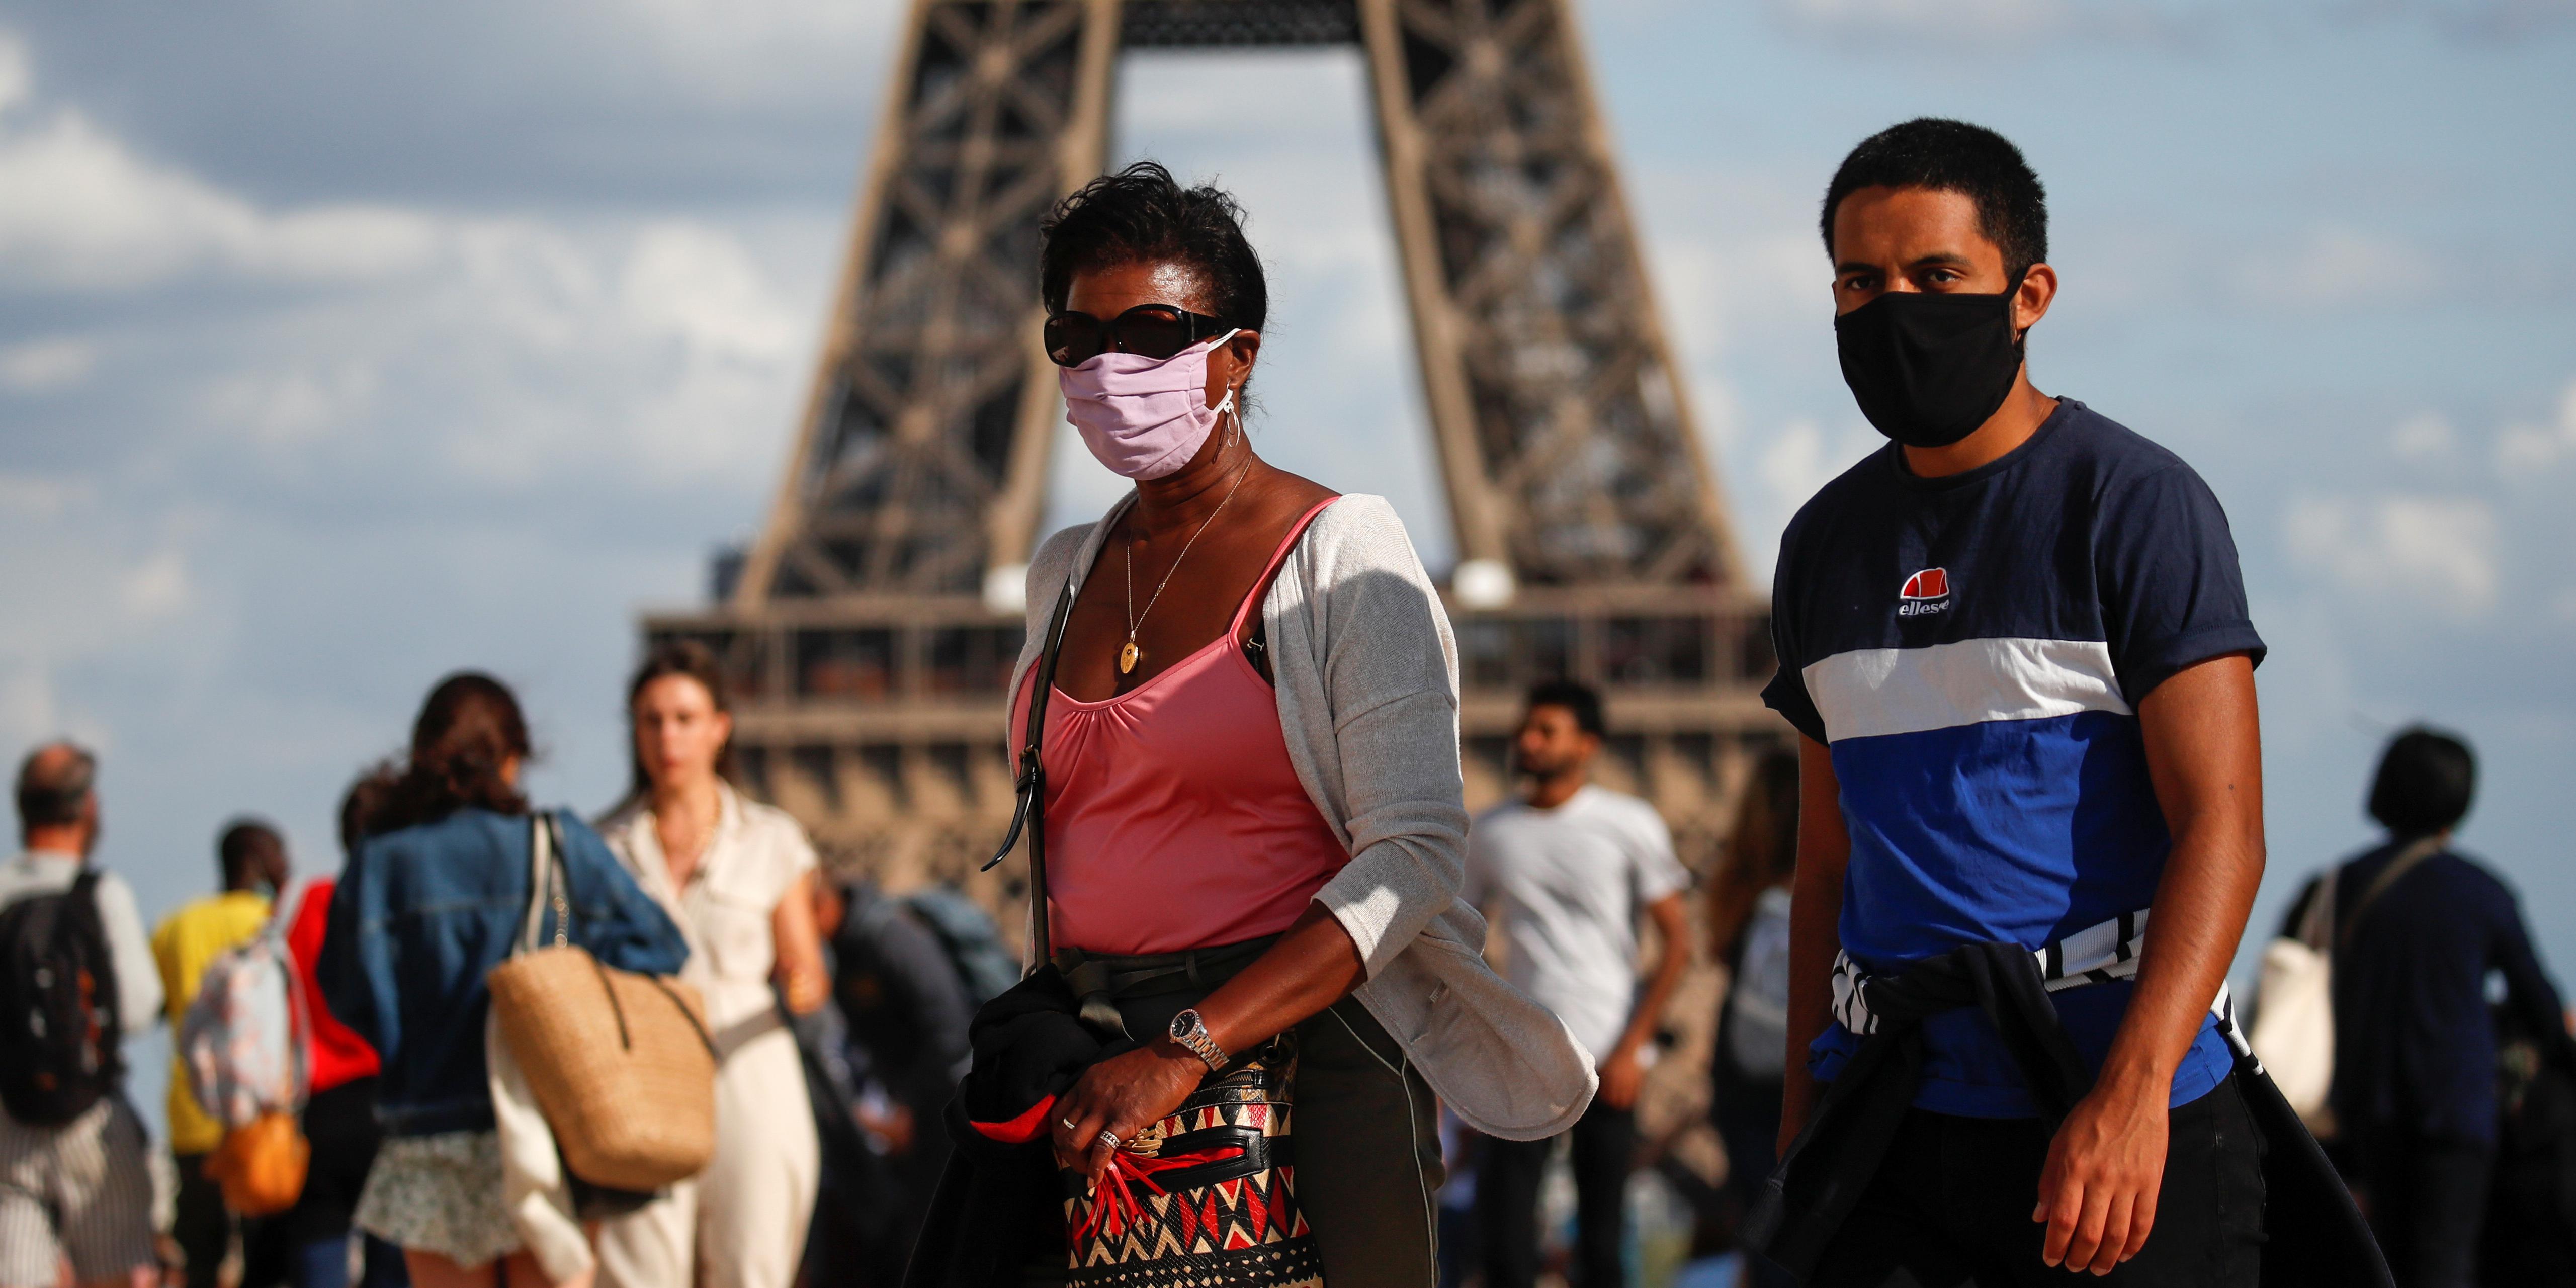 coronavirus-des-gens-portent-un-masque-square-du-trocadero-pres-de-la-tour-eiffel-alors-que-paris-prevoit-de-rendre-obligatoire-le-port-du-masque-a-l-exterieur-dans-certaines-zones-particulierement-frequentees